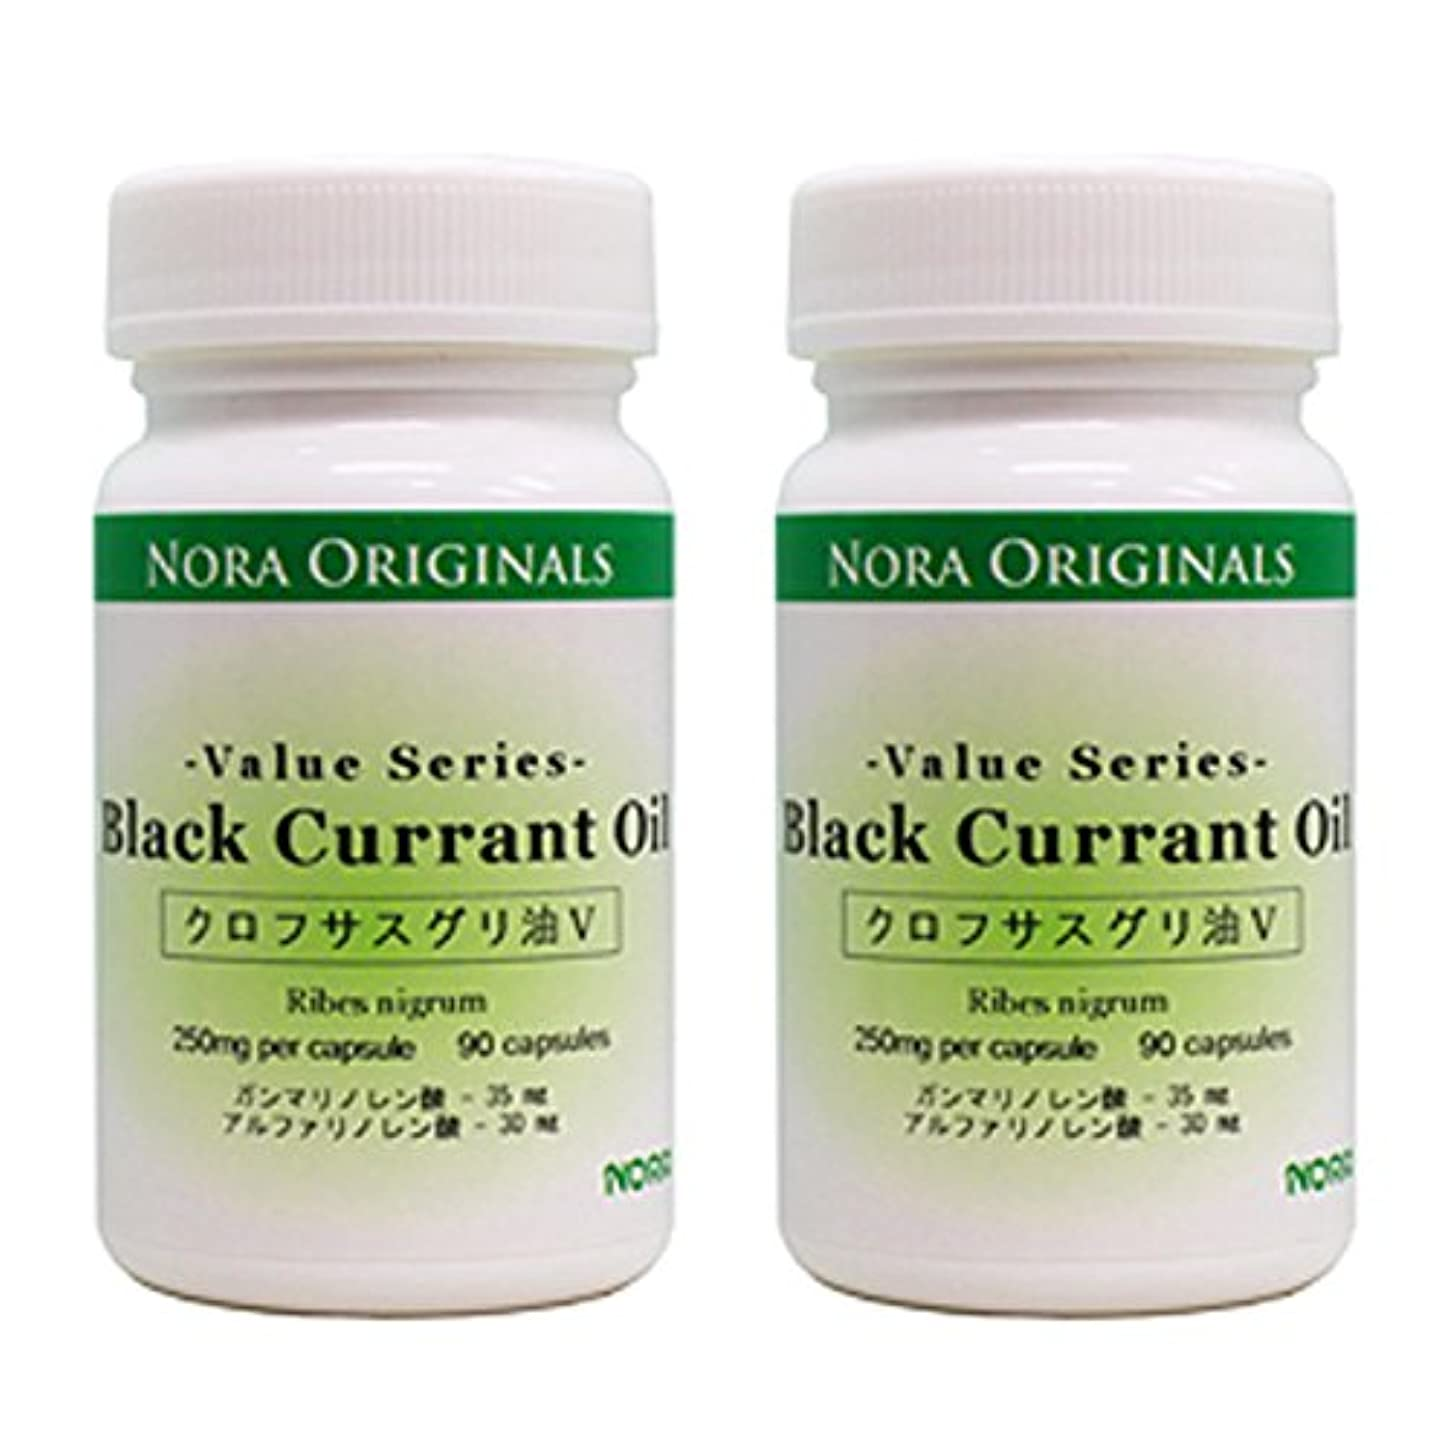 品種単に遺産ノラ?オリジナルズ クロフサスグリ油 V Black Currant Oil V オイル 250mg 90カプセル 2個セット